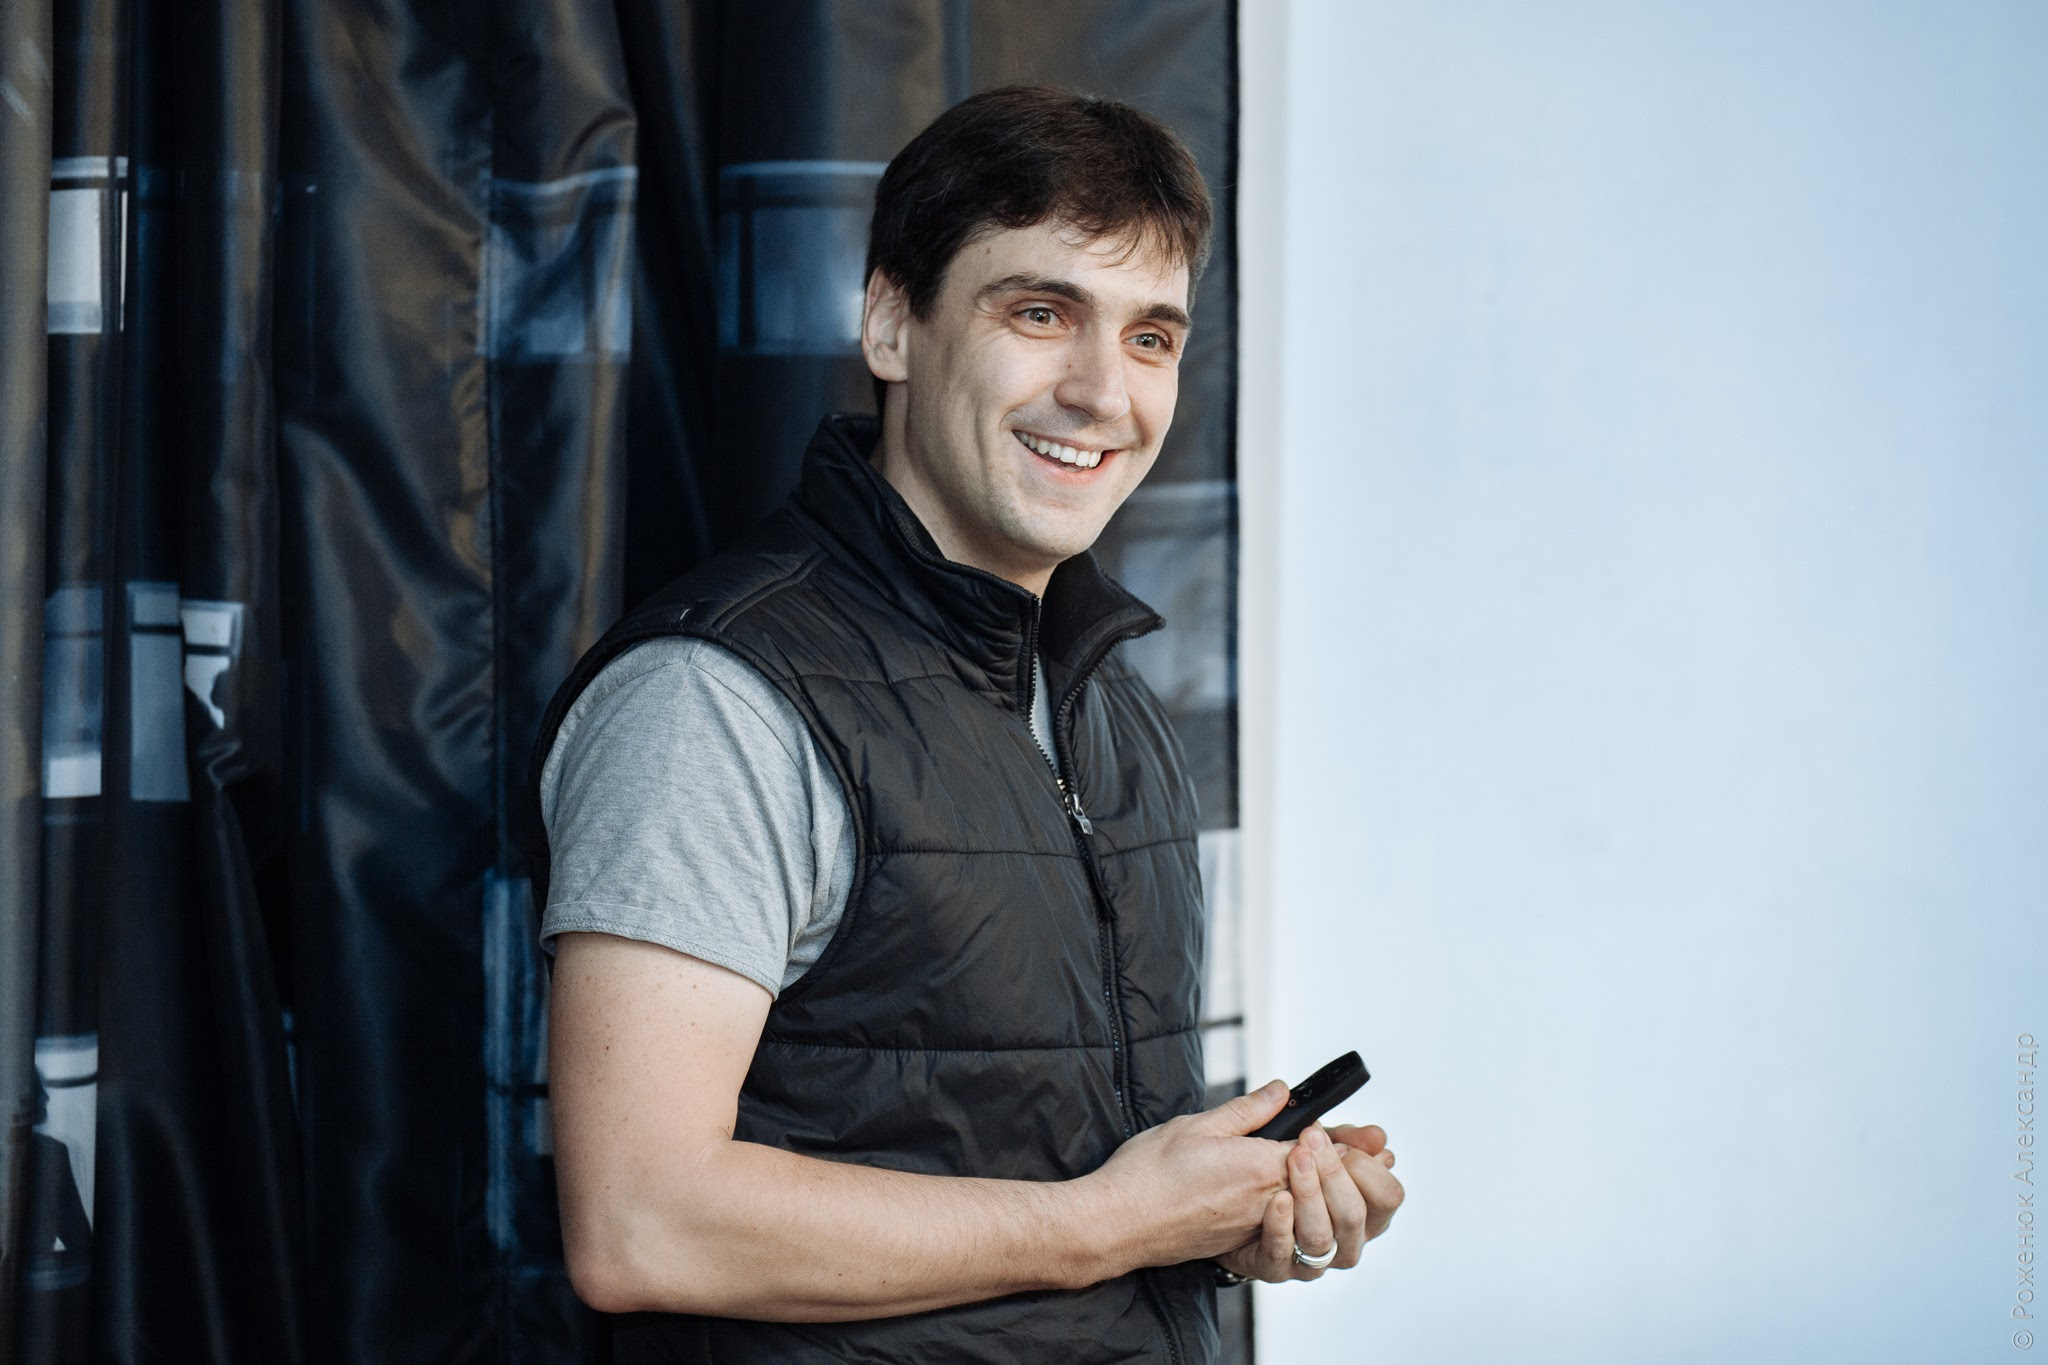 Дмитро Шандиба під час проведення тематичної події у «Часописі», 2017 рік